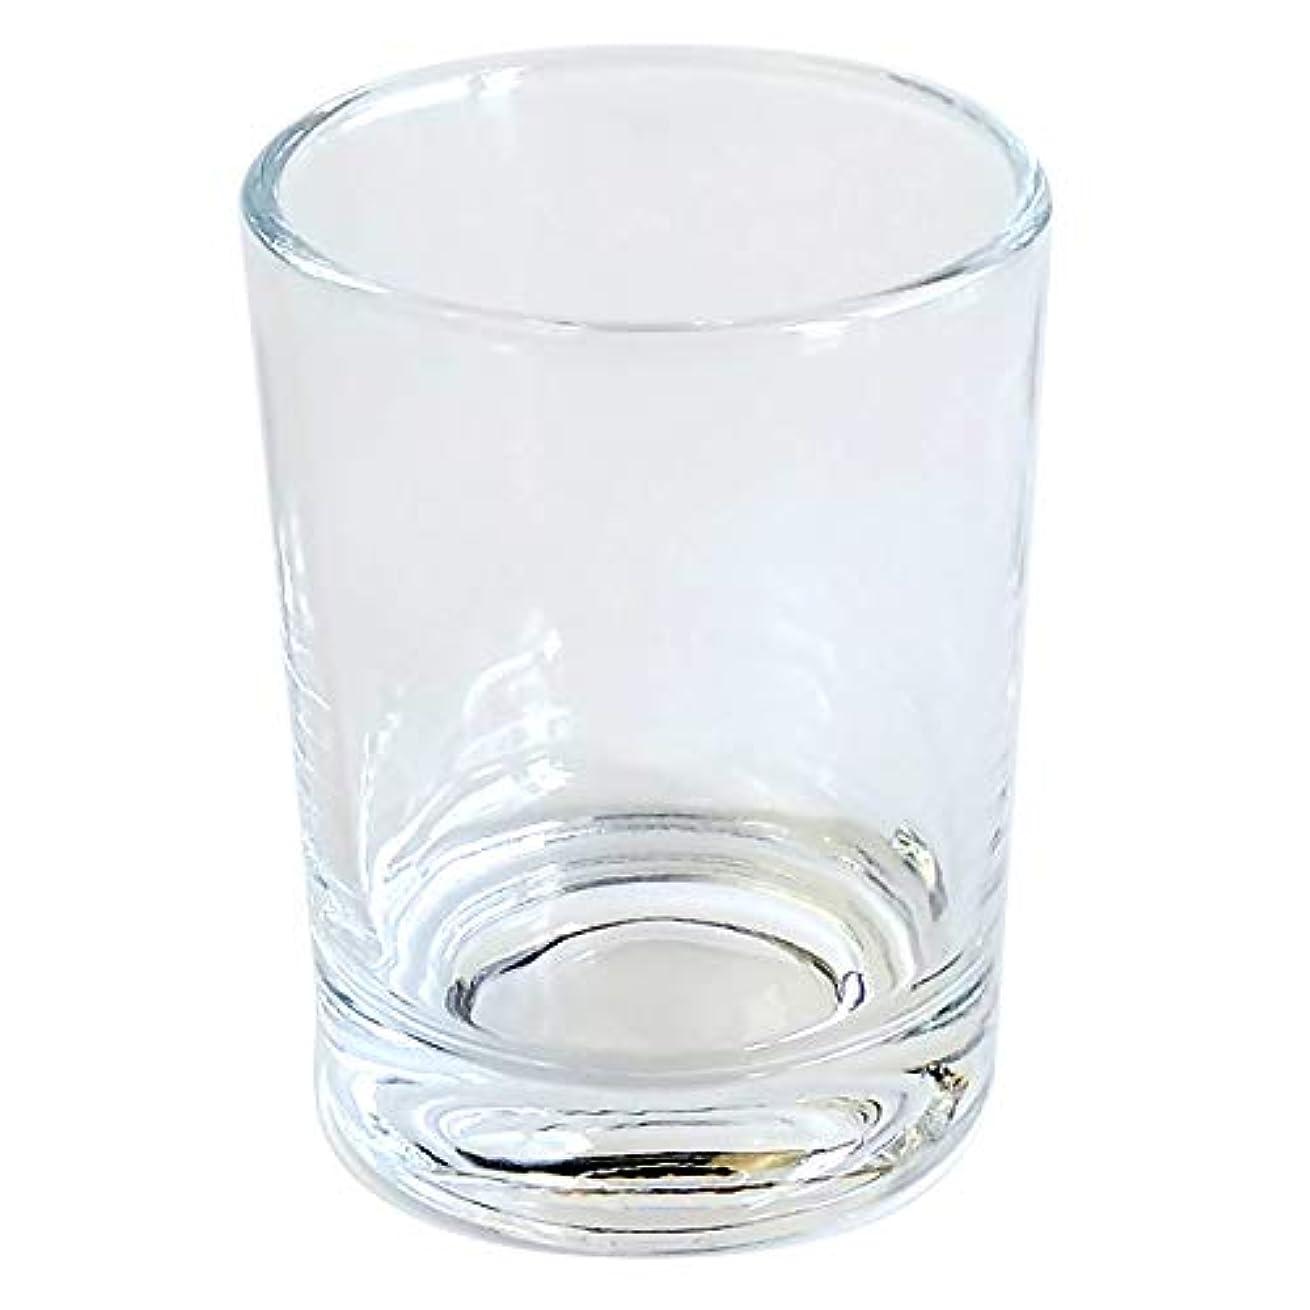 モニターラフレシアアルノルディ相関するキャンドルホルダー ガラス シンプル[大] 1個 キャンドルスタンド ろうそく立て おしゃれ